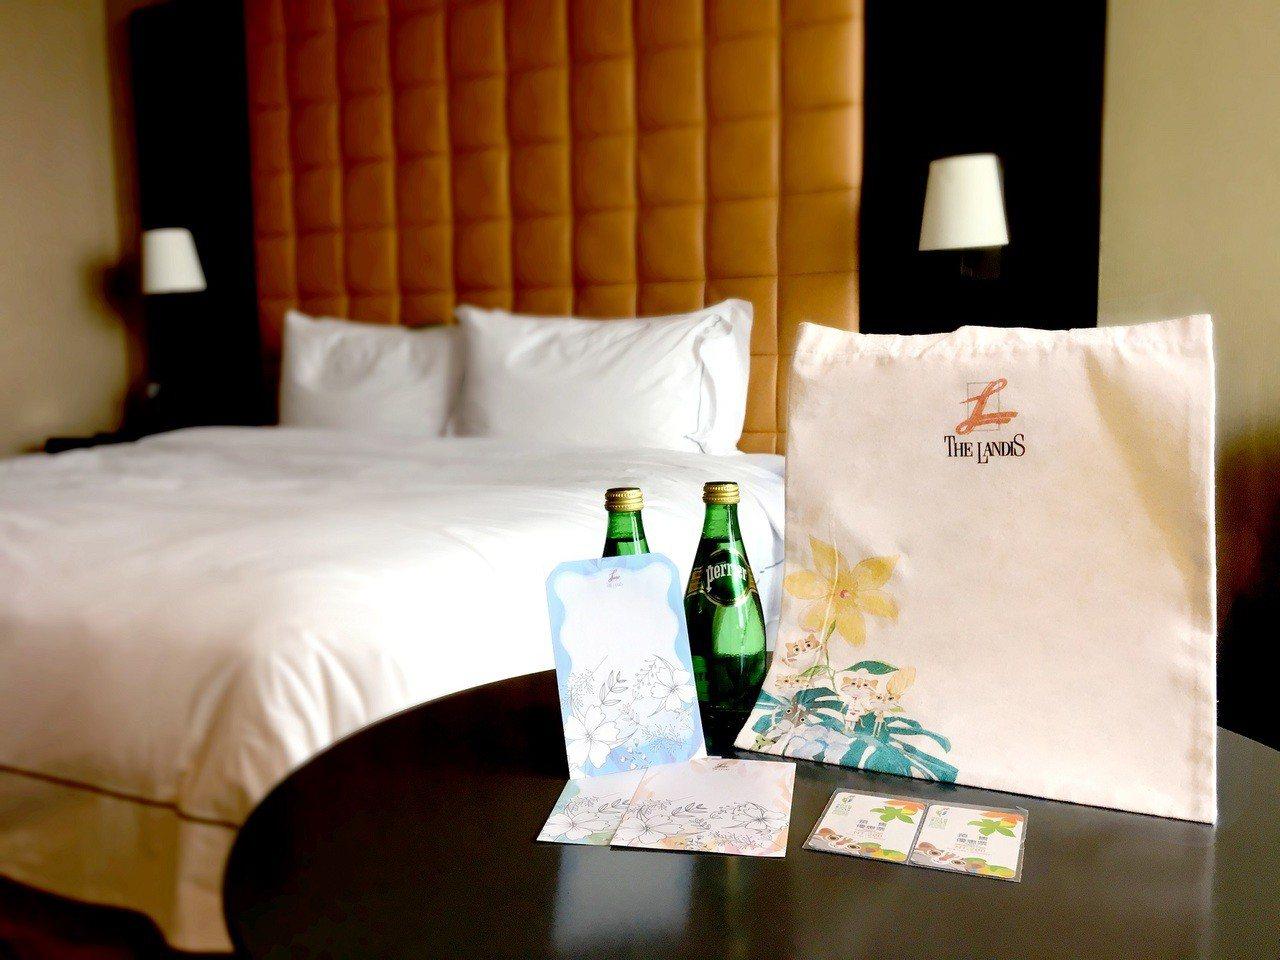 台中亞緻大飯店推出「漫遊花博」住房專案,加贈花博專屬提袋、餐飲抵用券、明信片畫卡...